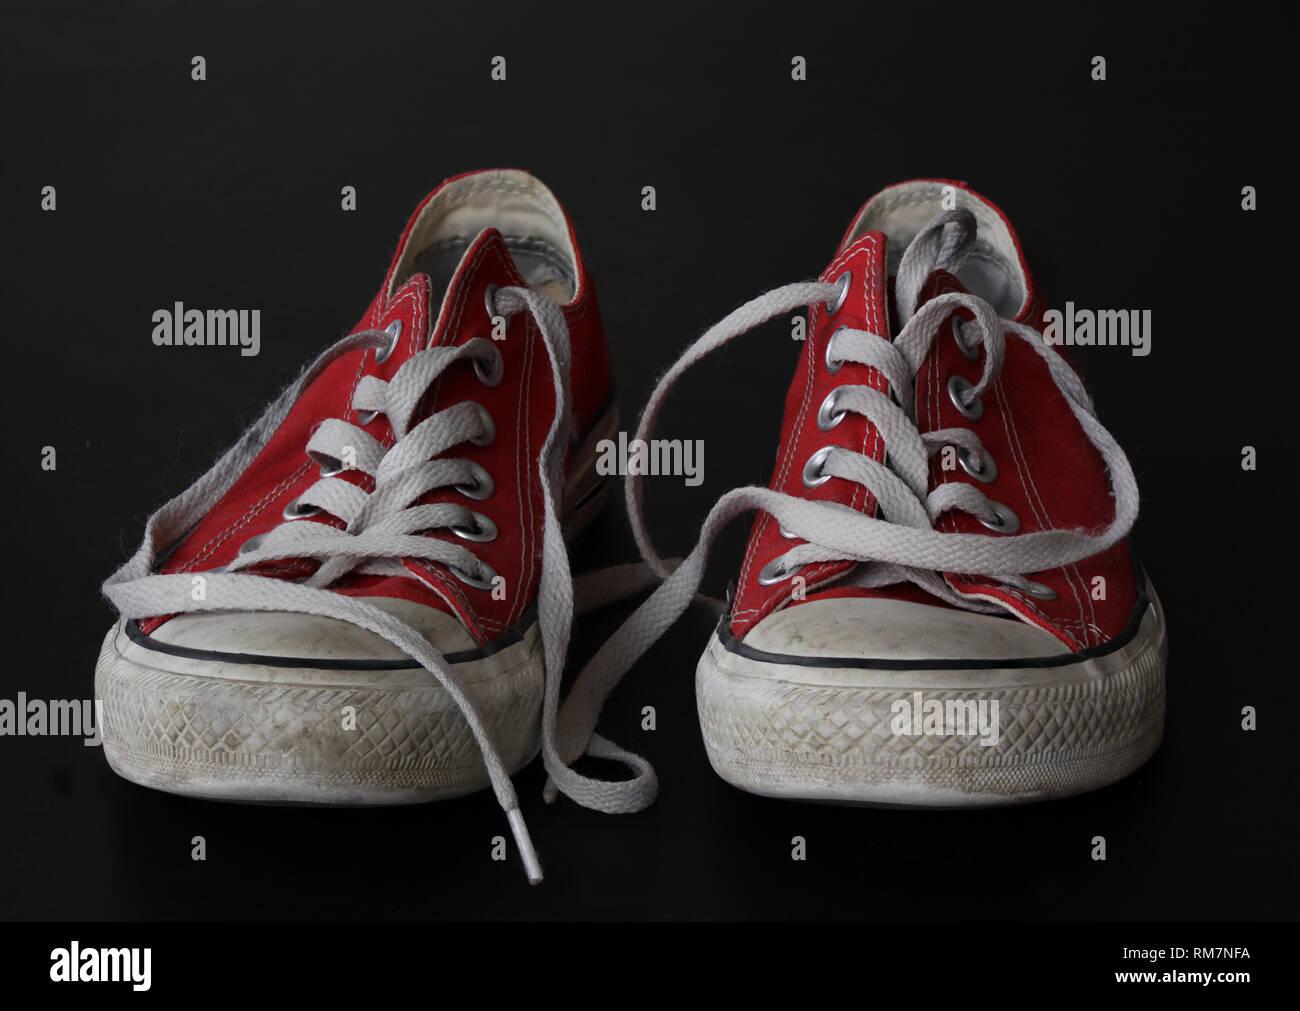 new products 67100 a1573 In prossimità della coppia di sneakers - rosso e bianco vintage usurati  scarpe - gioventù hipster